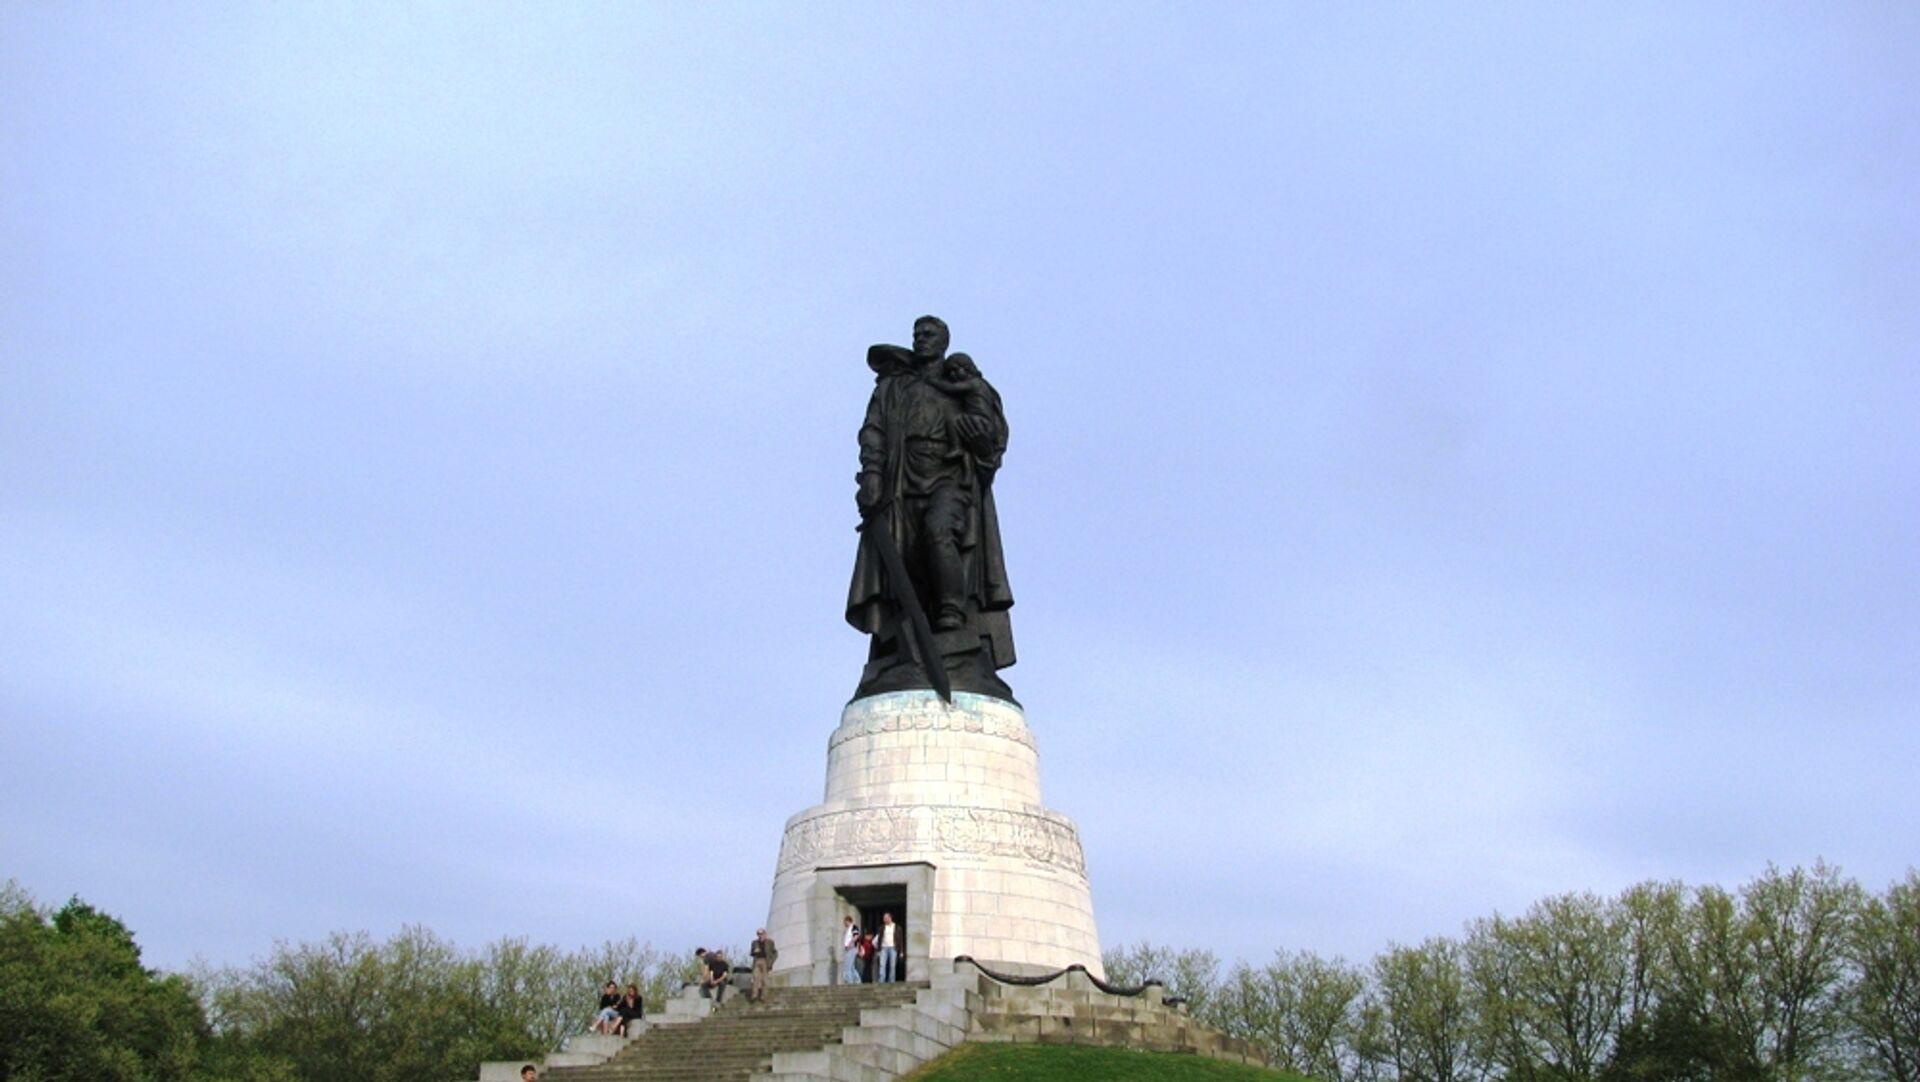 Монумент Воину-освободителю в Трептов-парке в Берлине - РИА Новости, 1920, 30.04.2021